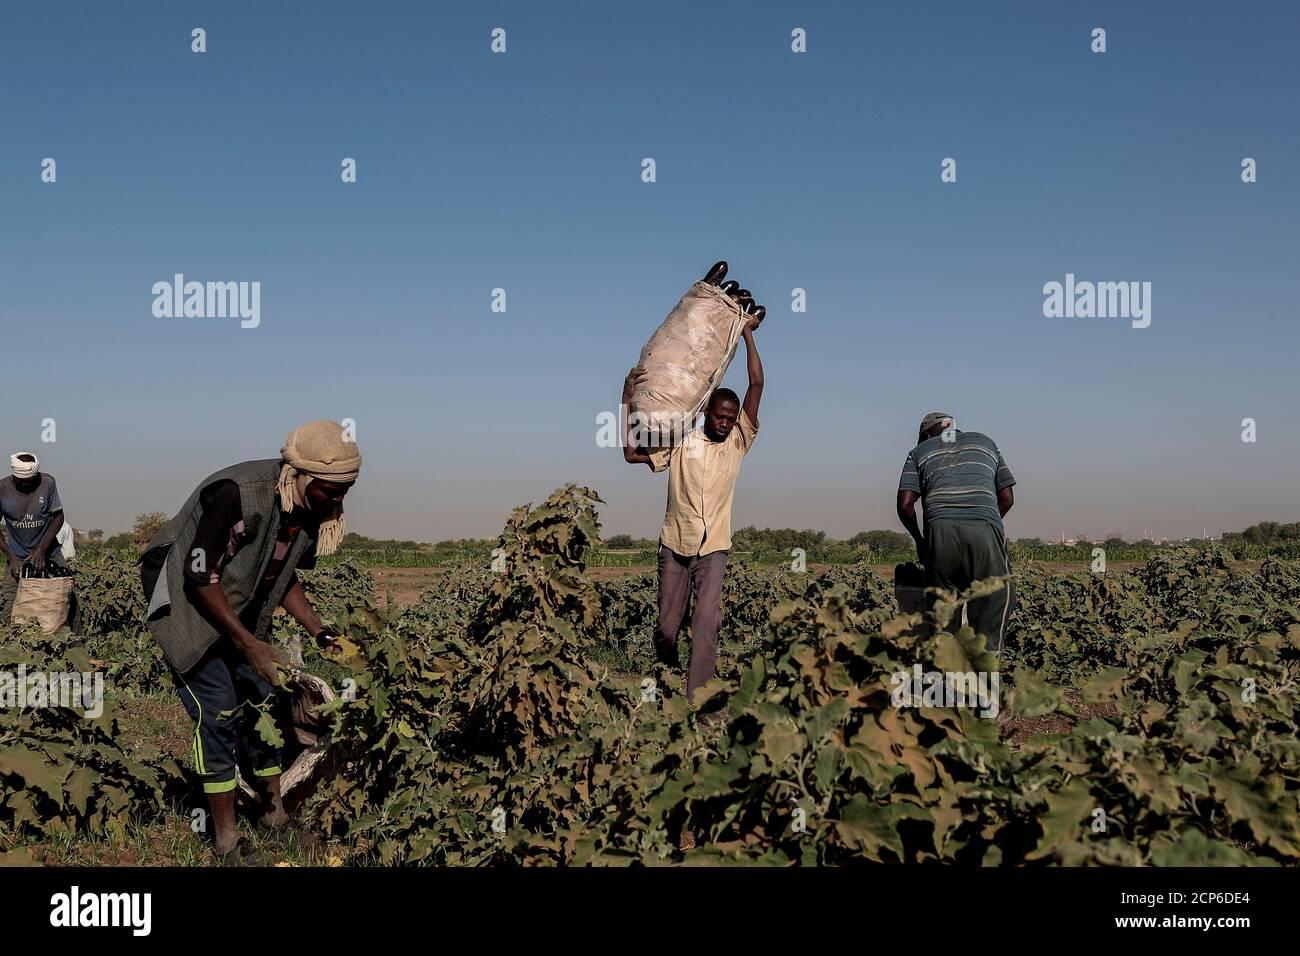 """Mussa Adam Bakr (R), de 48 años, que explota una parcela junto a una fábrica de ladrillos de barro, recoge berenjenas con sus trabajadores en su campo en la isla Tuti, Jartum, Sudán, 14 de febrero de 2020. """"Vine a Tuti en 1988 porque la tierra aquí es la mejor para la agricultura y lo suficientemente cerca para abastecer a los mercados, y hace que los ingresos sean buenos"""", dijo Bakr. 'A lo largo del año, la tierra de los Tuti produce todo tipo de verduras como patatas, cebollas y berenjenas.' REUTERS/Zohra Bensemra BUSCA 'BENSEMRA NILE' PARA ESTA HISTORIA. BUSQUE """"IMAGEN MÁS AMPLIA"""" PARA TODAS LAS HISTORIAS. Foto de stock"""